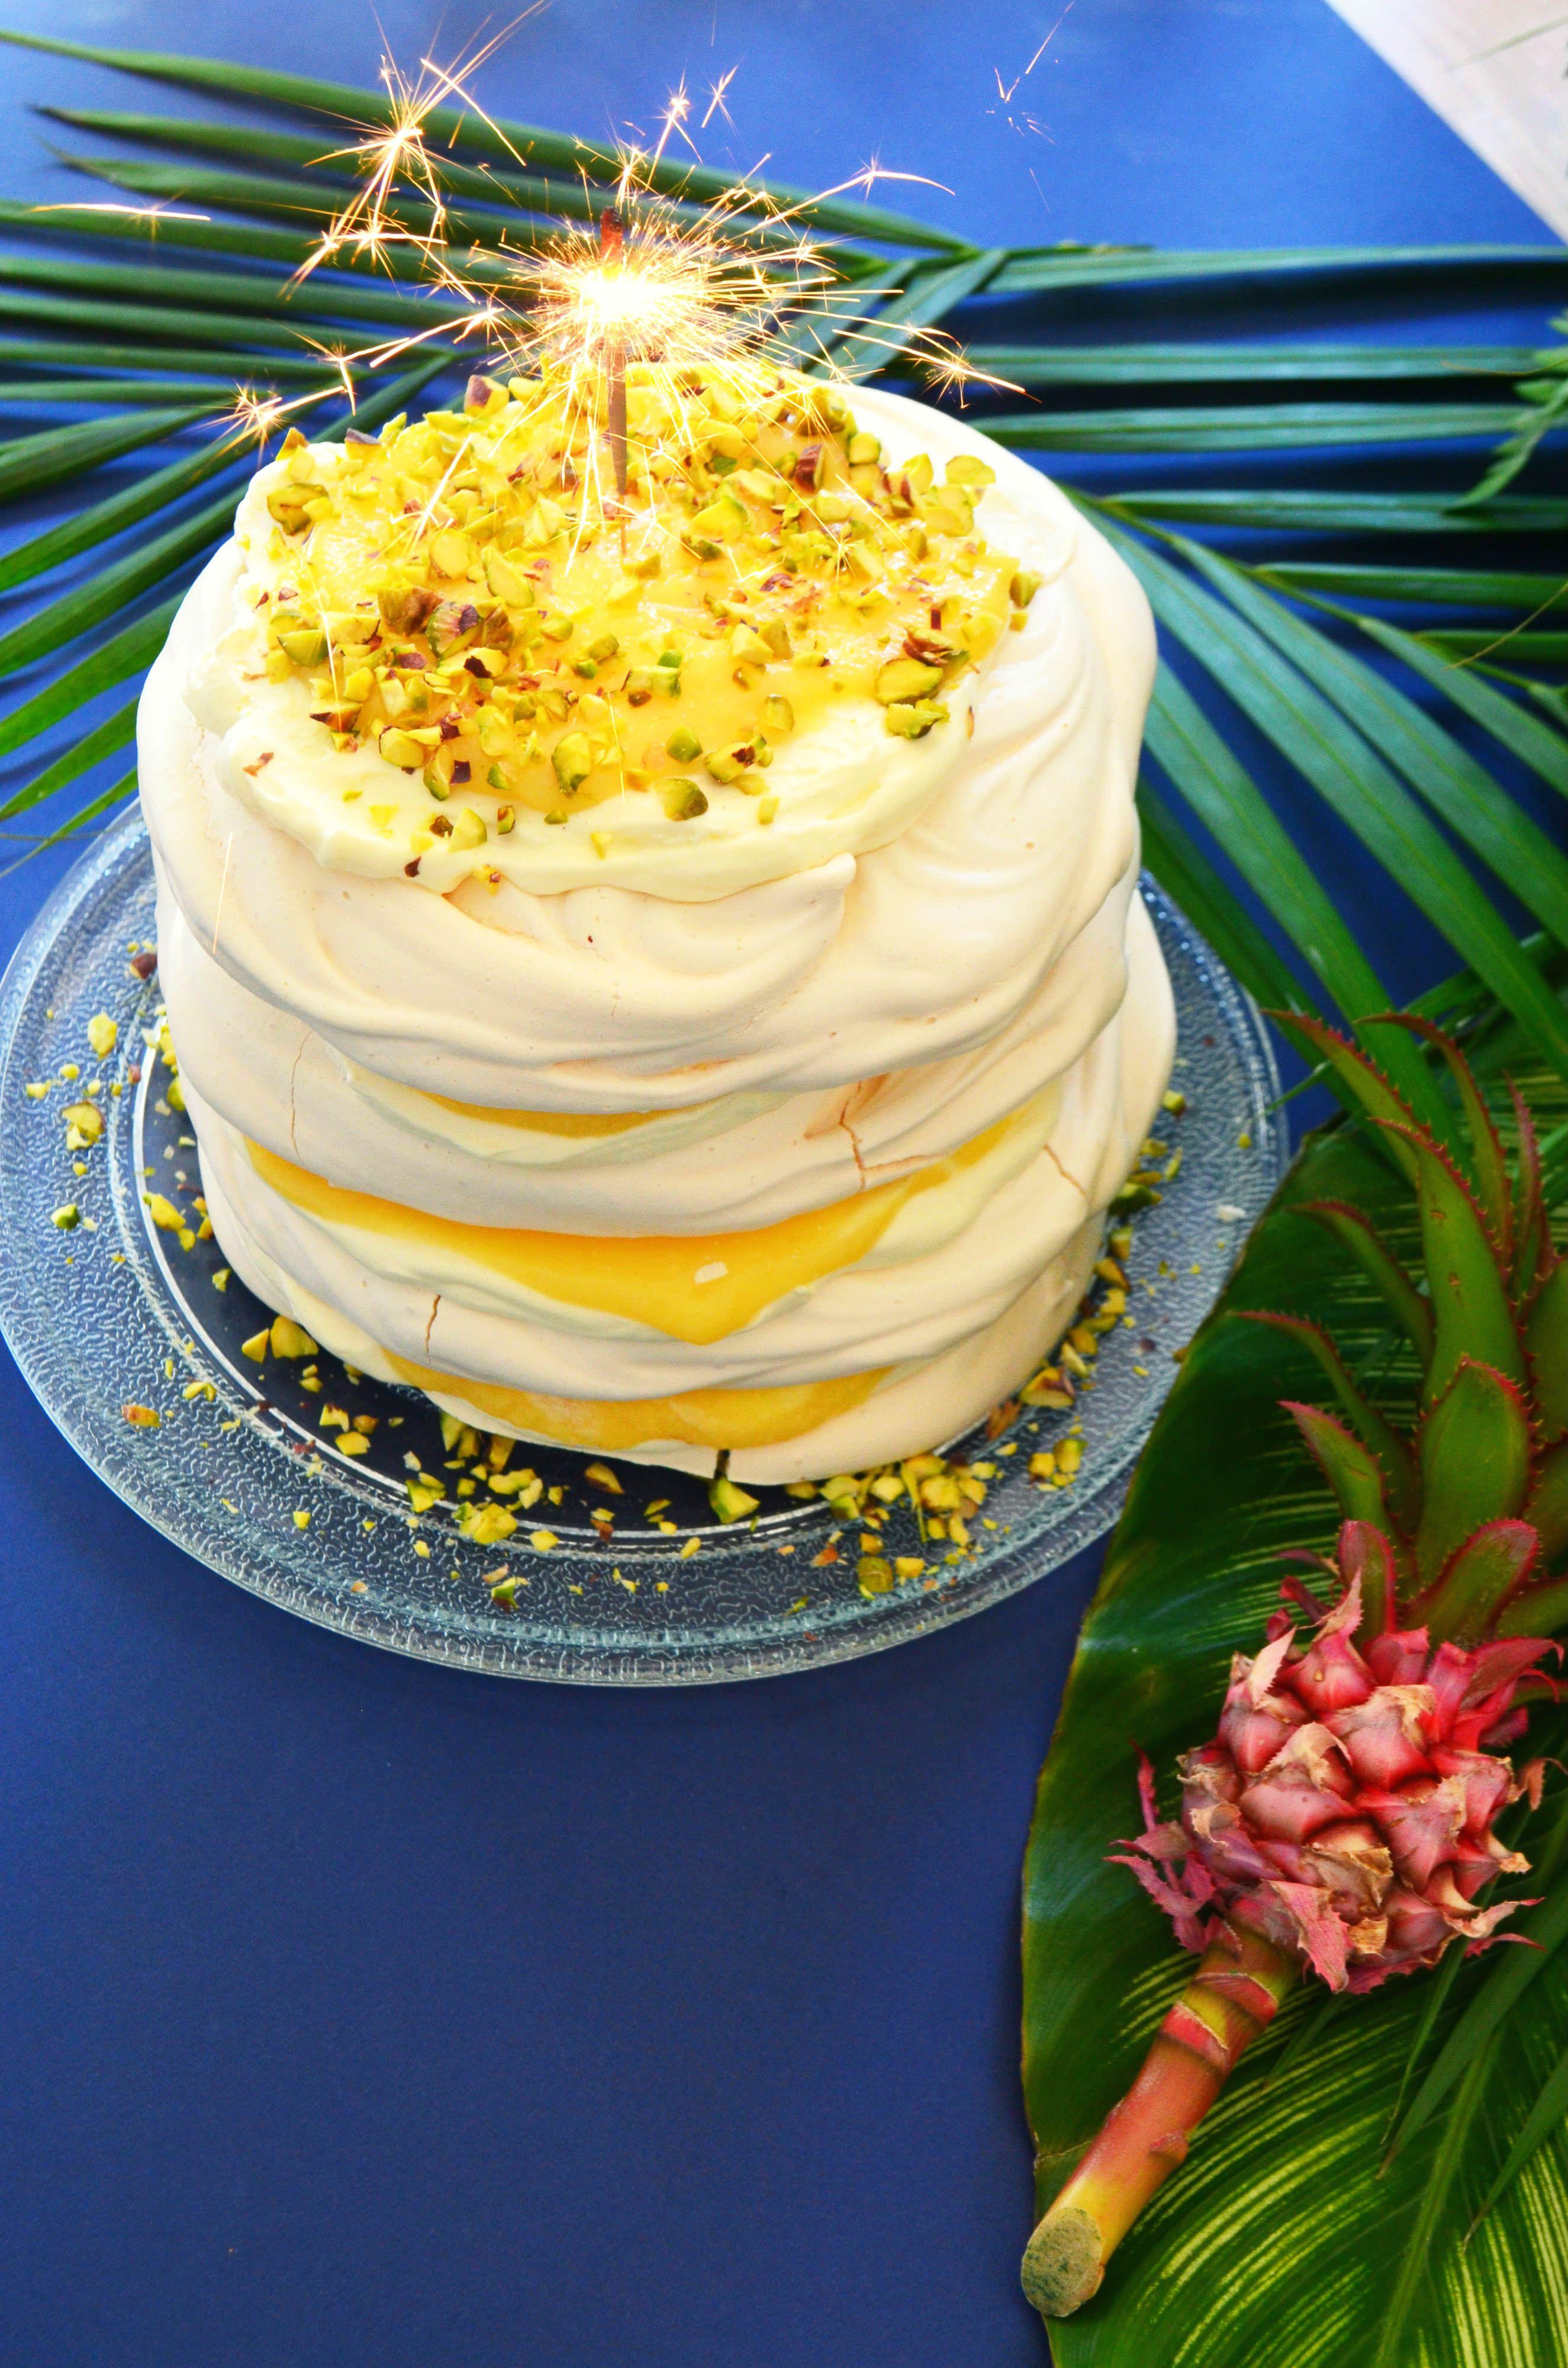 Piña Colada Pavlova Pavlova, Pina colada, Cocktail desserts